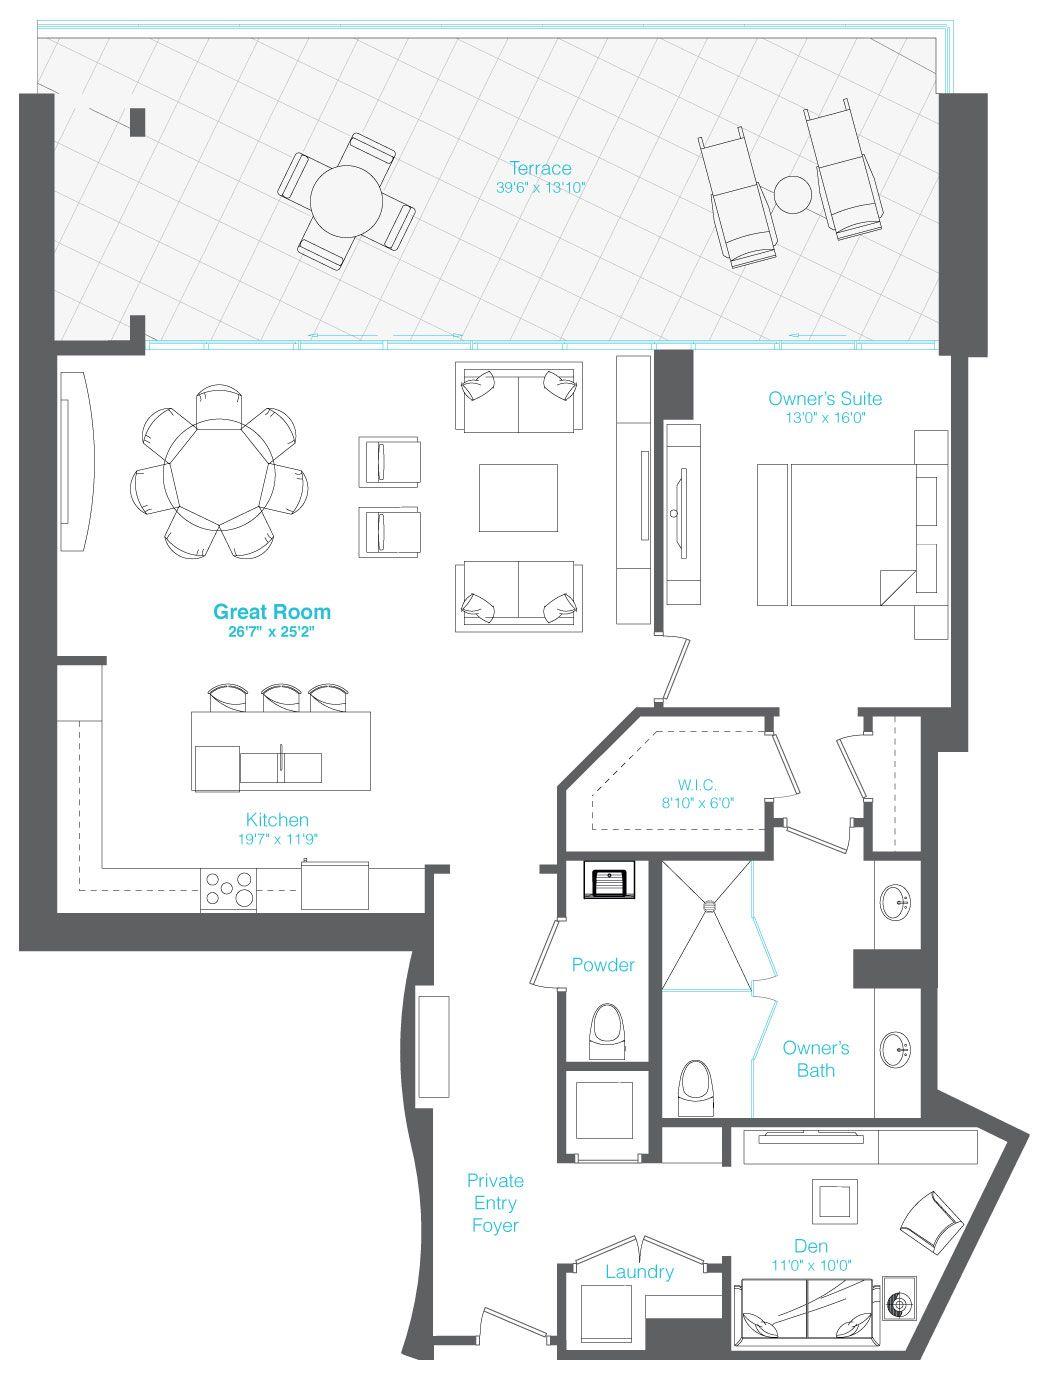 1 BEDROOM, 1.5 BATHS + DEN Condo floor plans, Floor